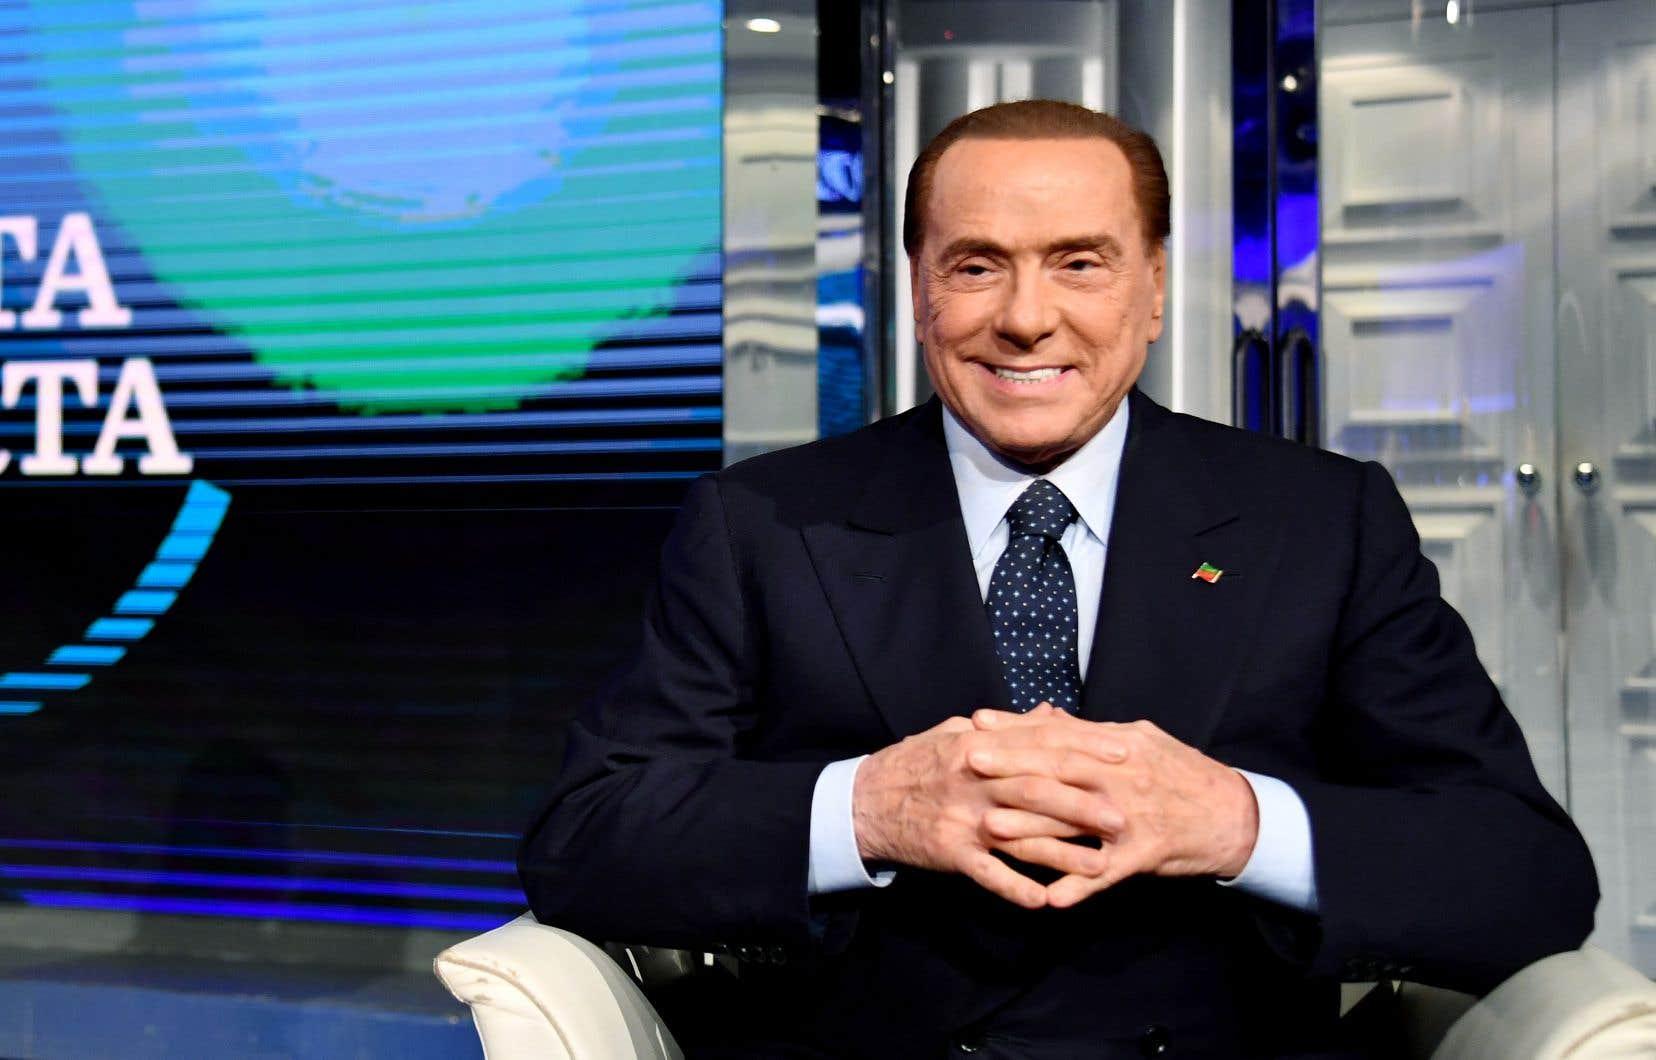 Le chef de Forza Italia, le coloré Silvio Berlusconi, a fait une apparition télé vendredi. Malgré les scandales sexuels et la fraude fiscale, le Cavaliere est toujours là.